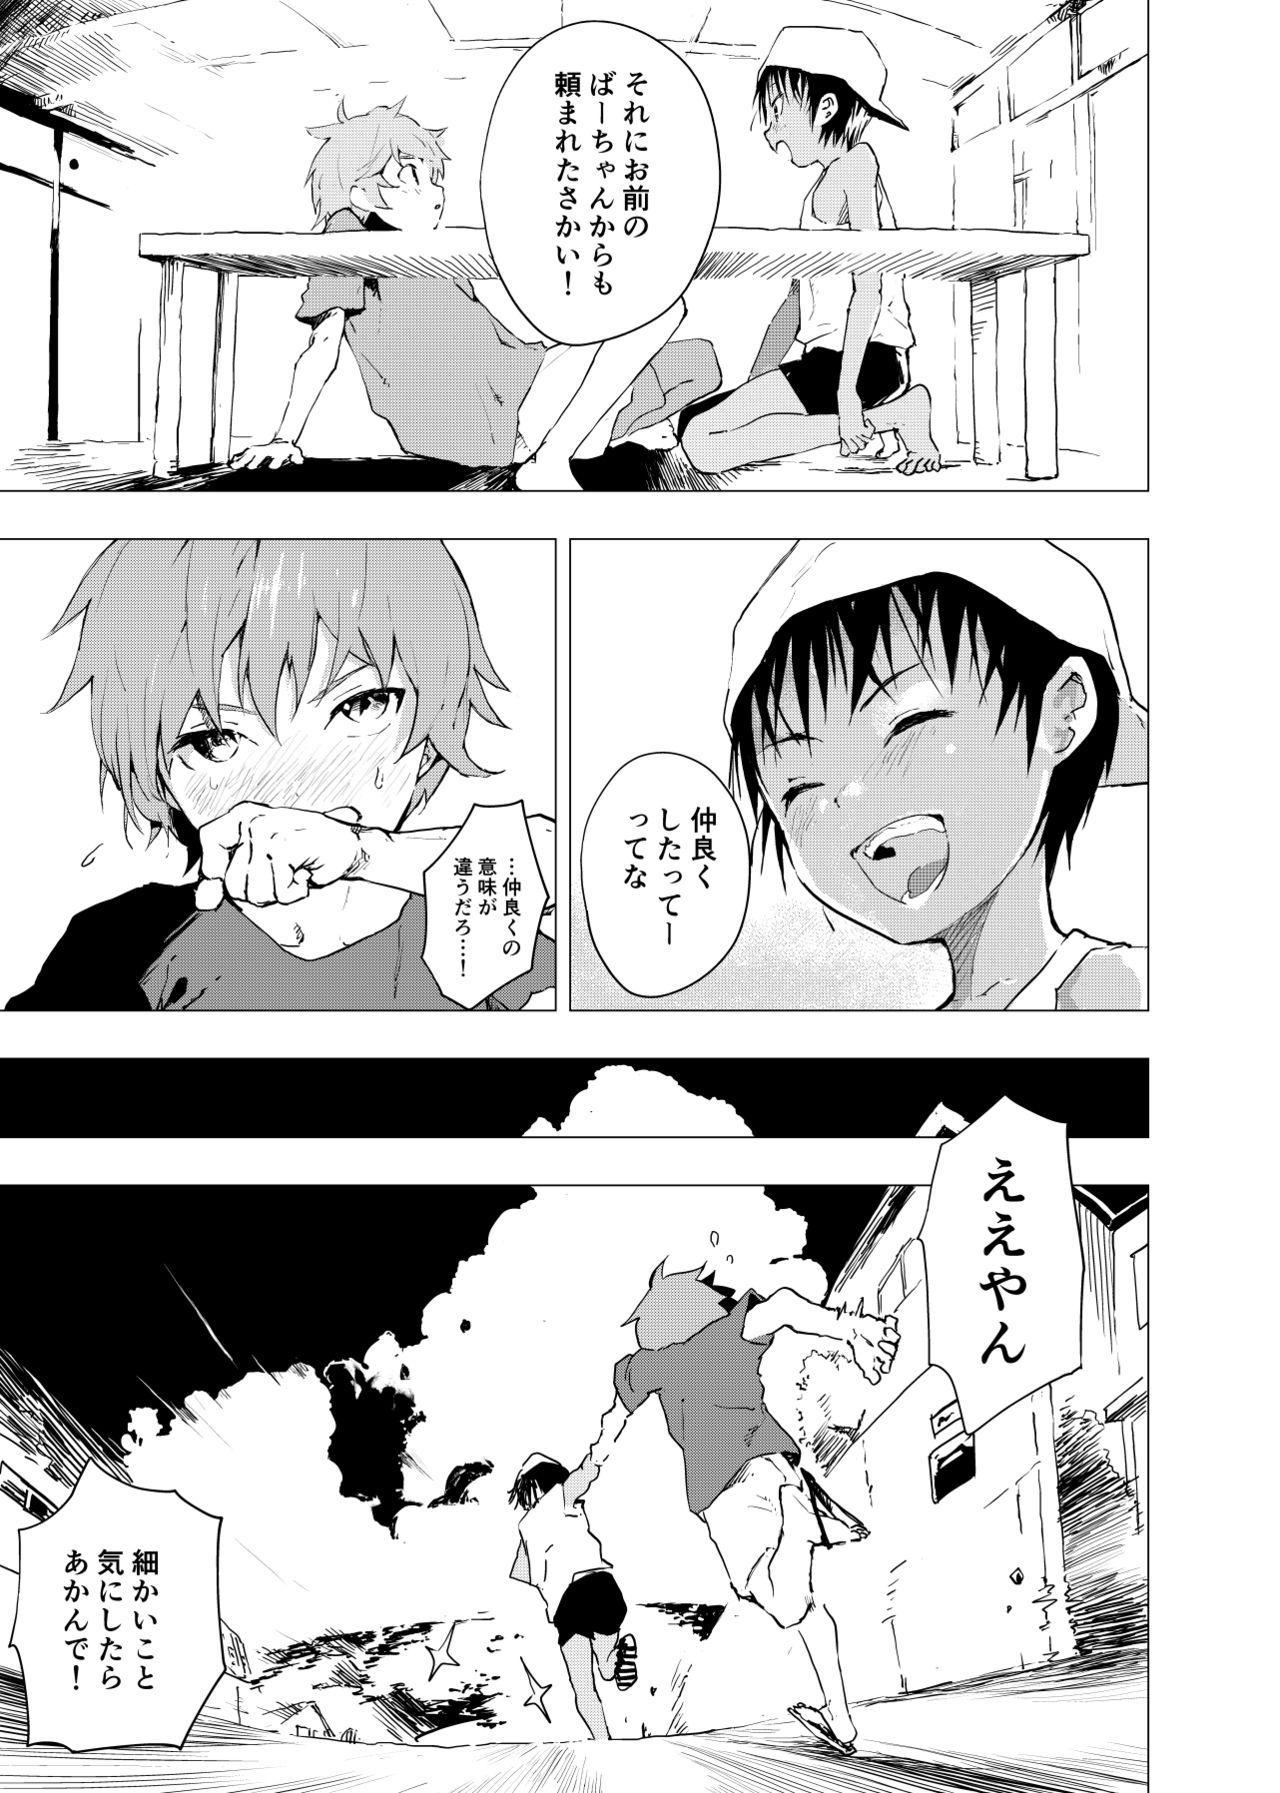 Inaka no Uke Shounen to Tokai no Seme Shounen no Ero Manga 1-6 4